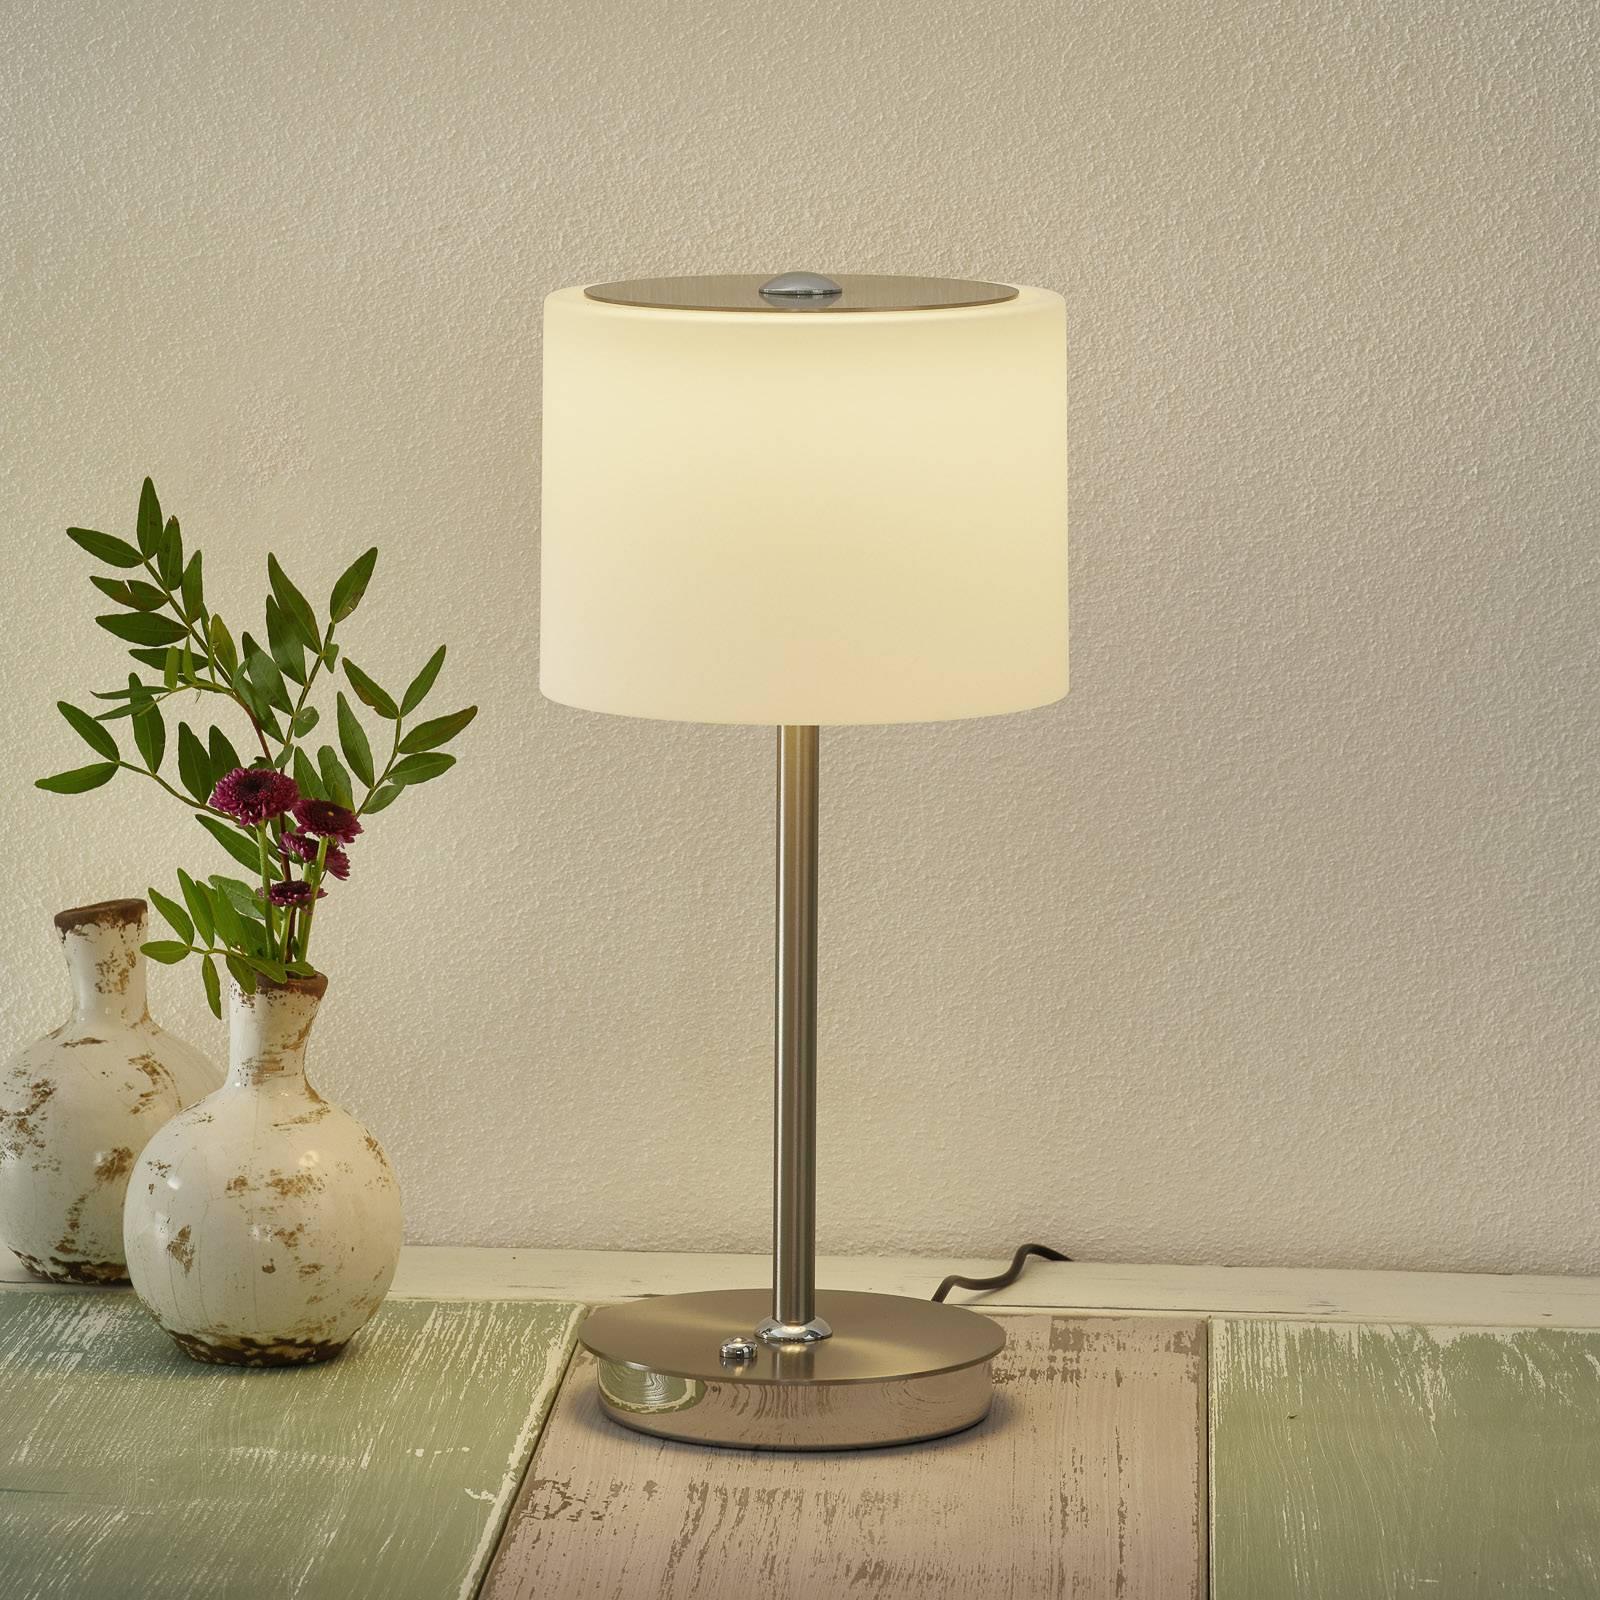 BANKAMP Grazia LED tafellamp, ZigBee-compatibel